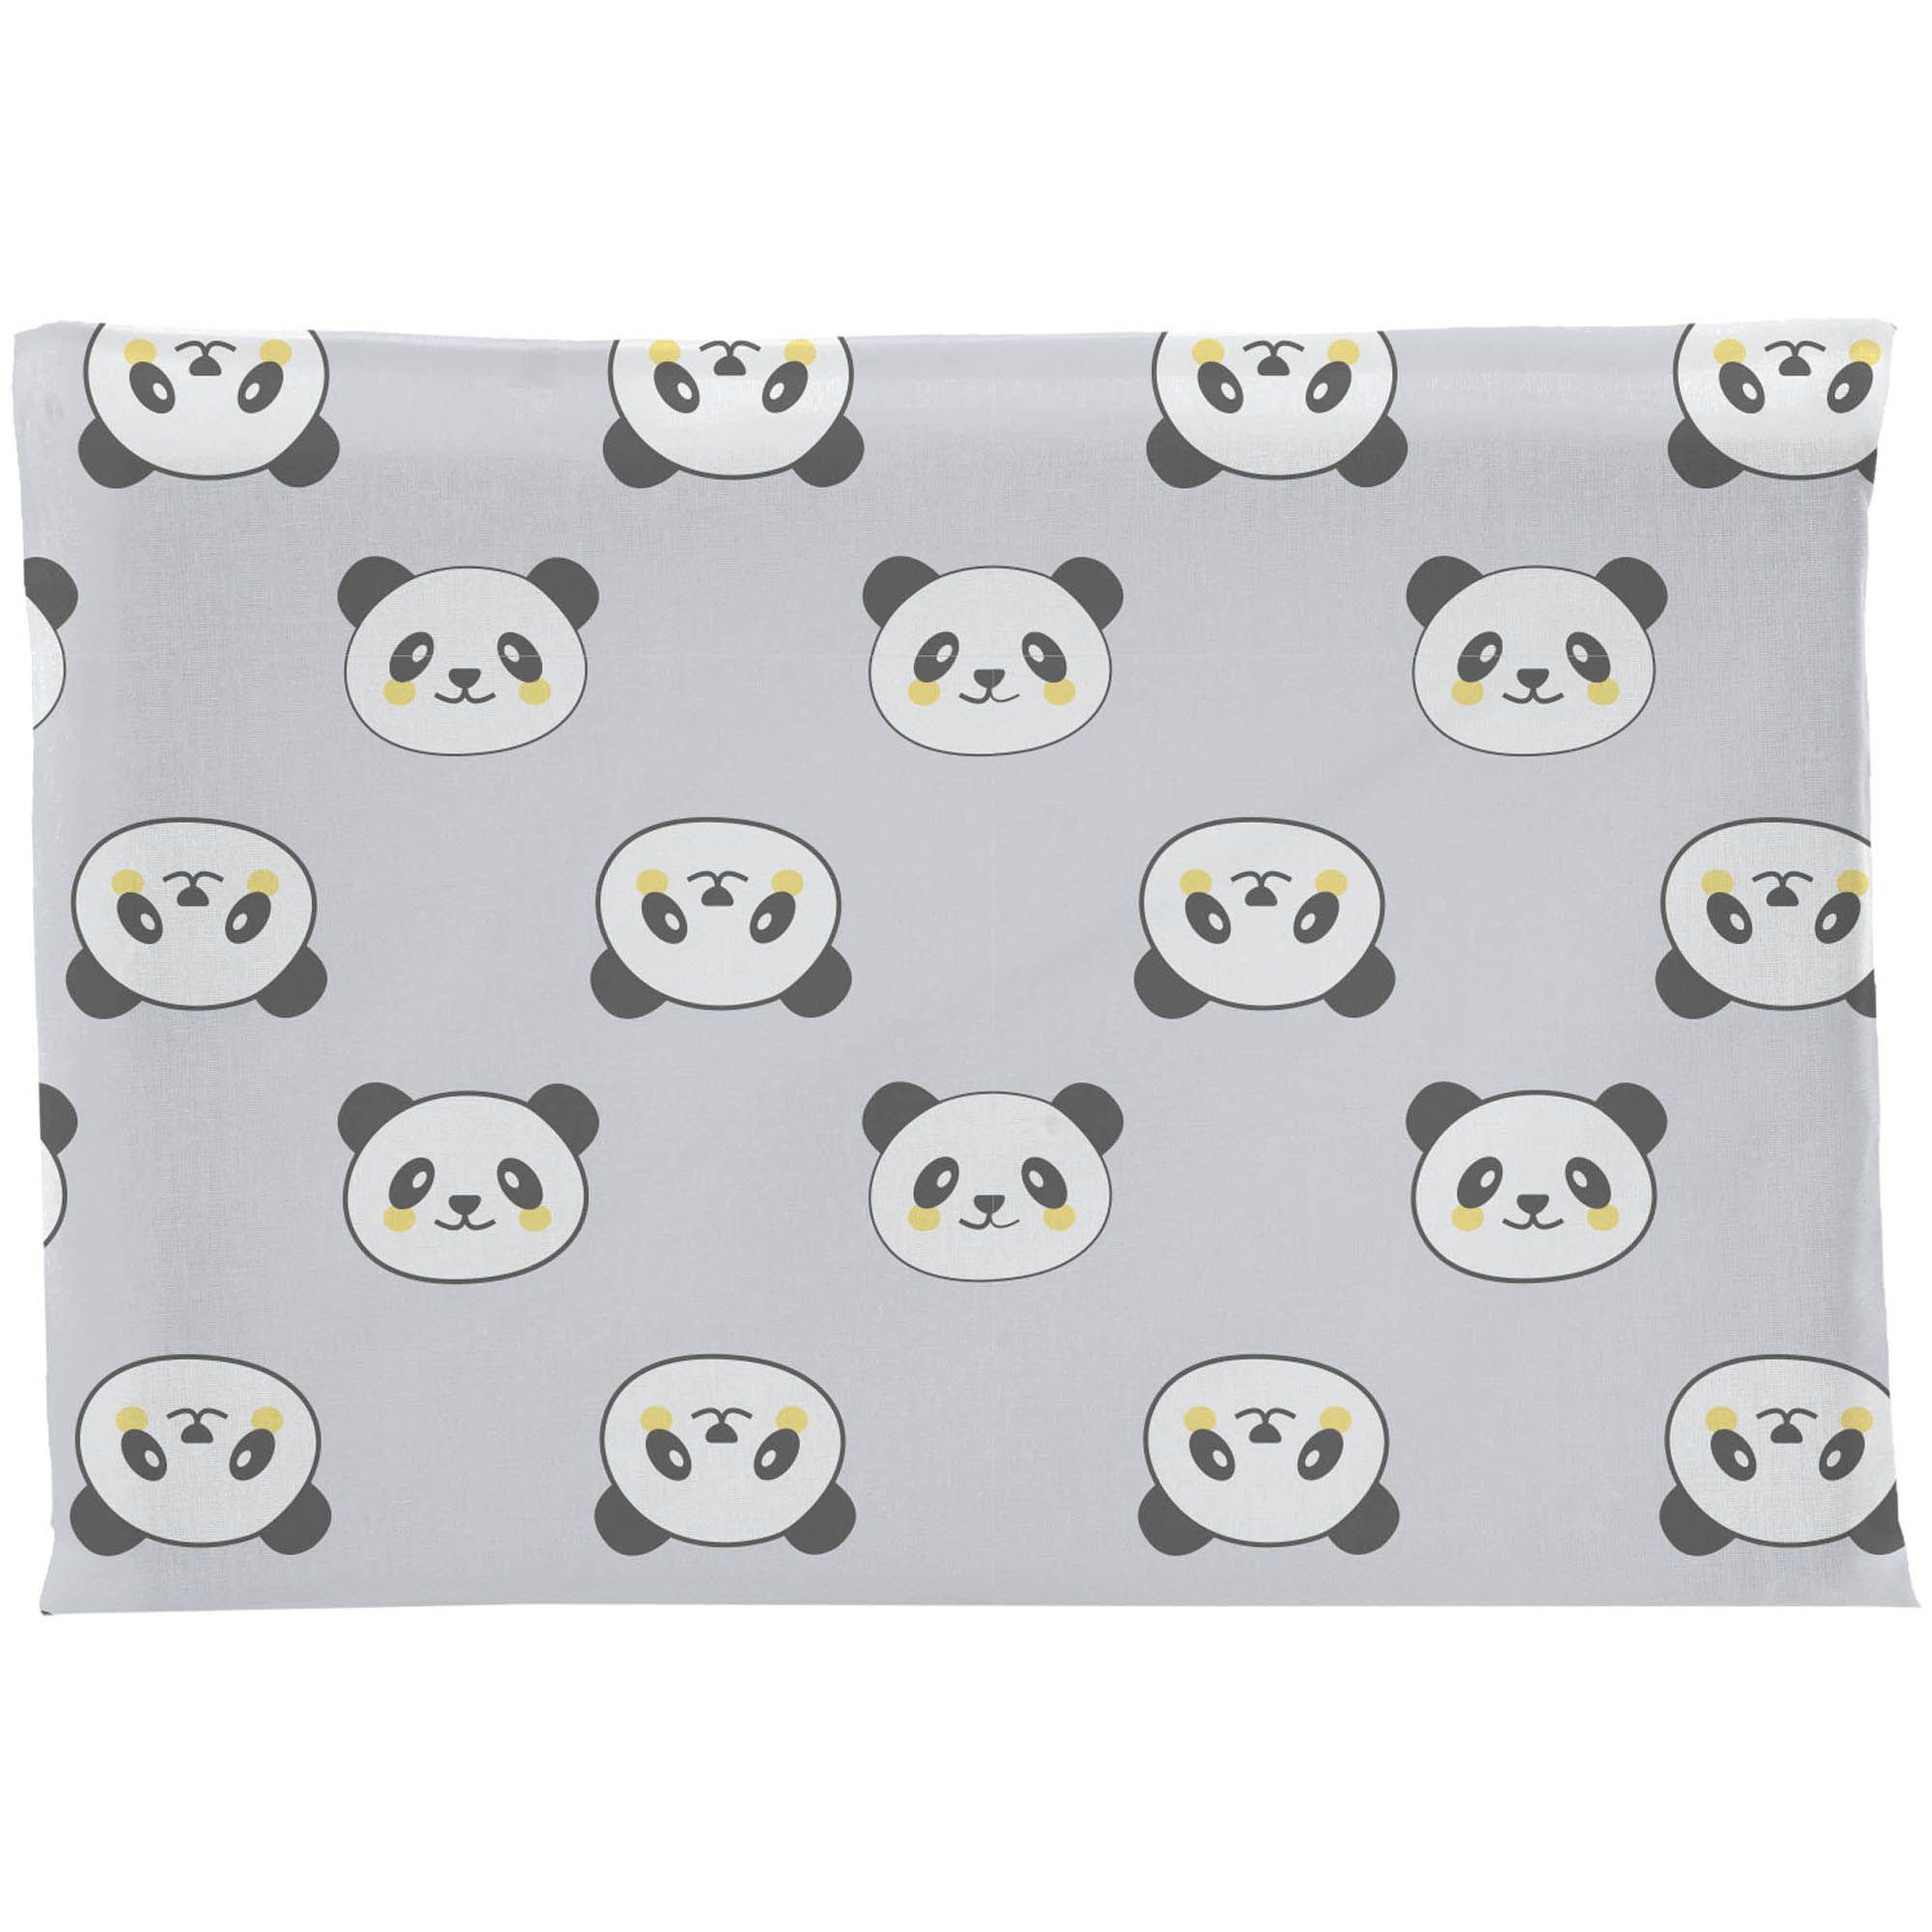 Travesseiro Antissufocante Incomfral Bambi - Estampado Panda - Cinza Claro